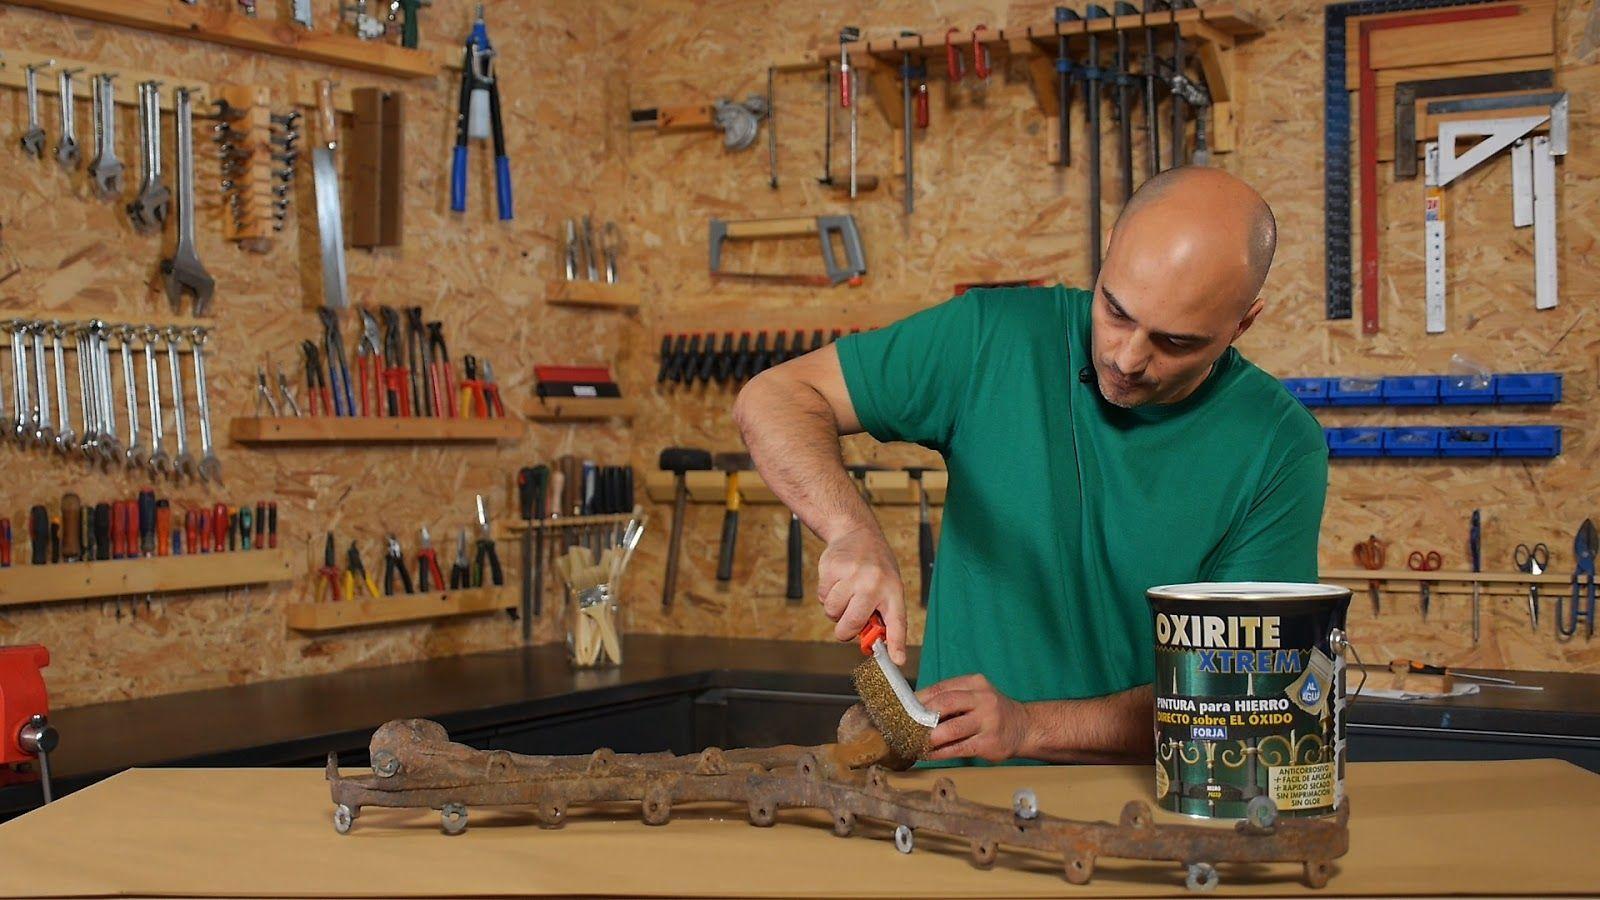 Limpiar el óxido suelto con cepillo de alambre